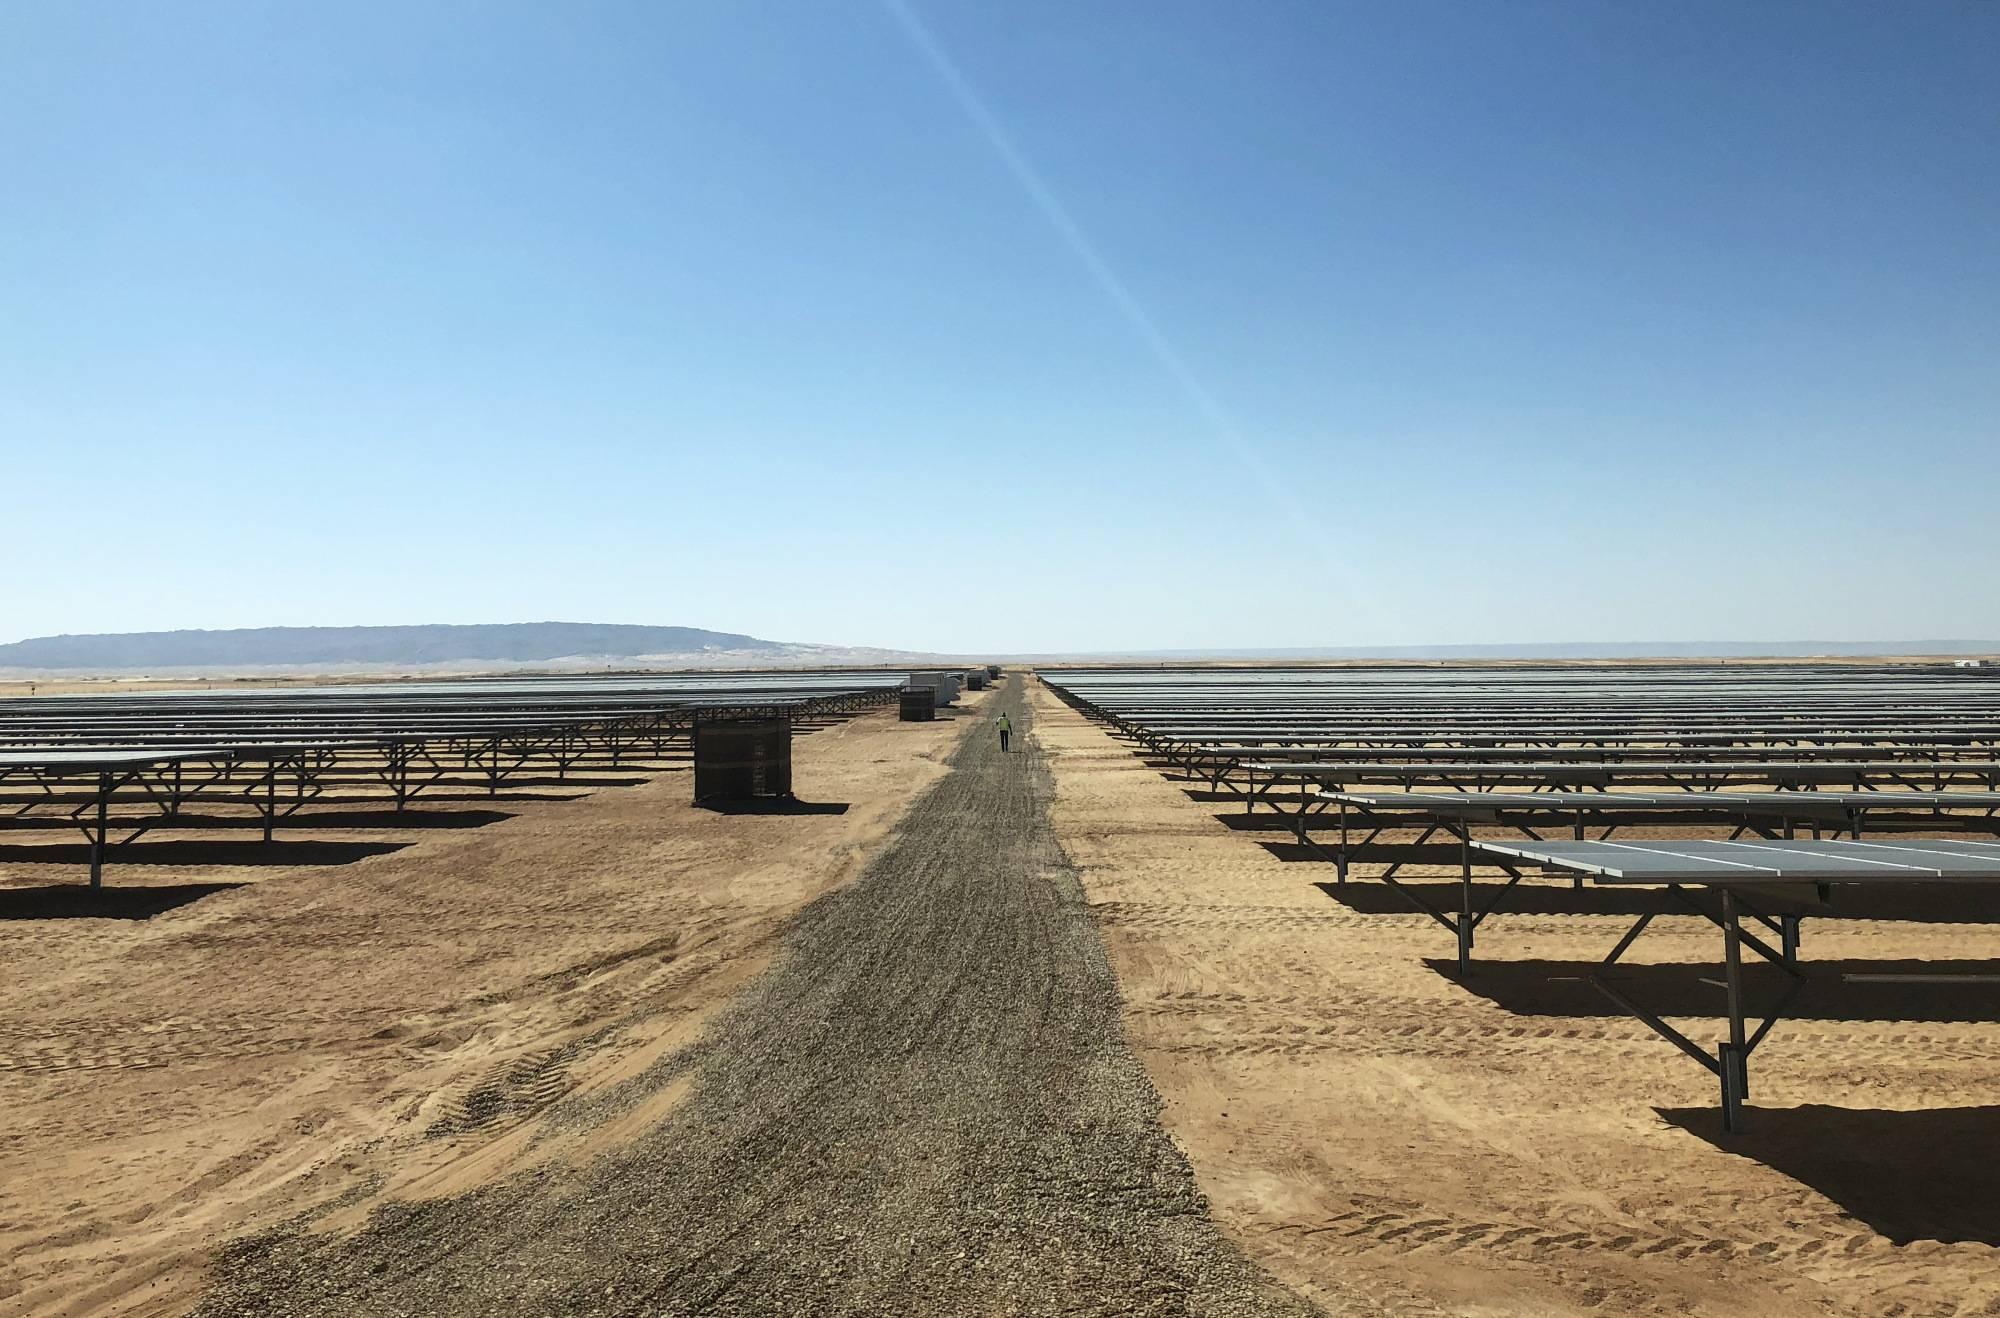 特变电工承建埃及沙漠电站 有望成为世界最大光伏产业园之一